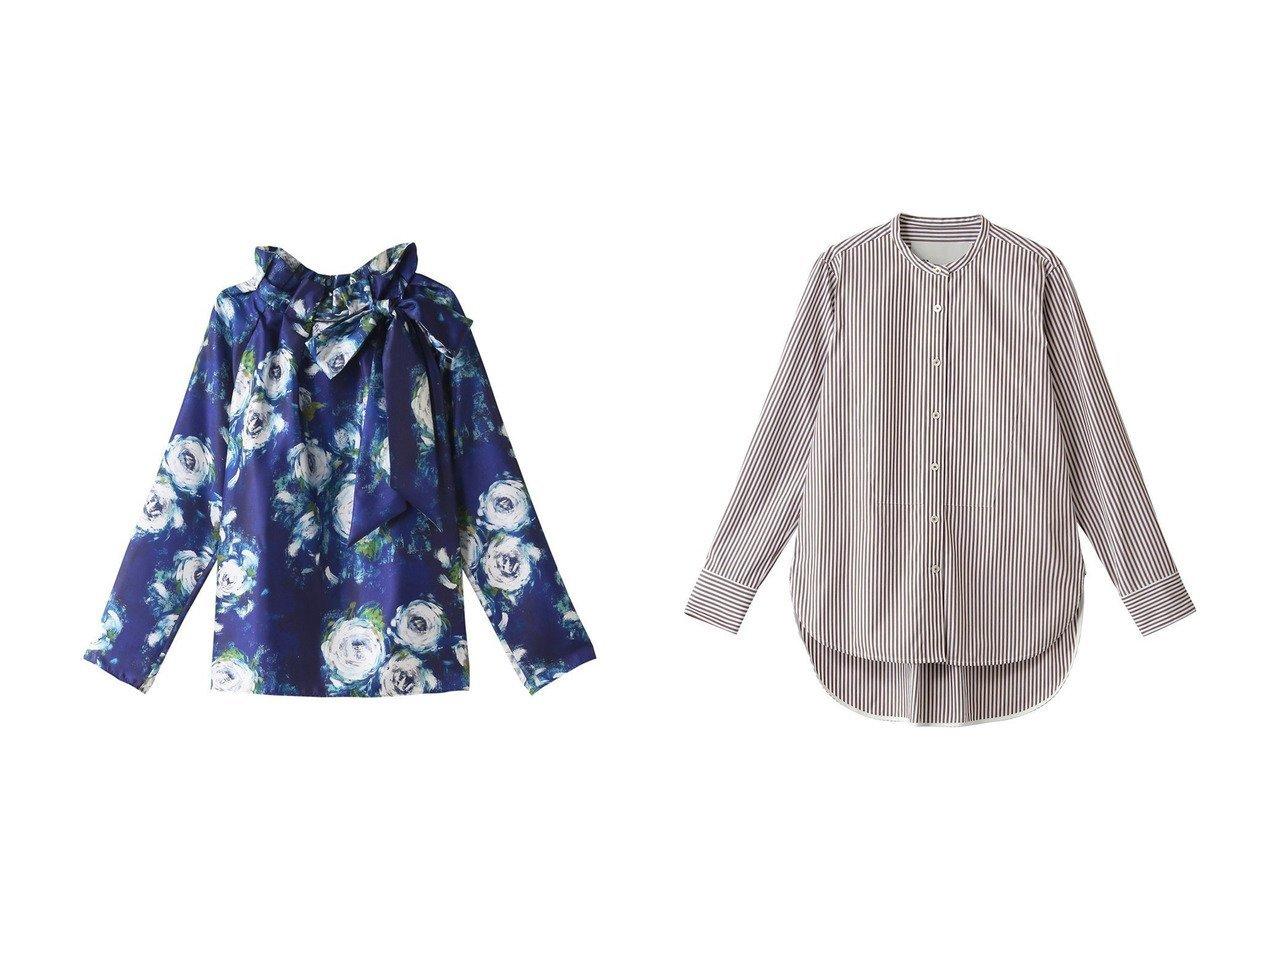 【TICCA/ティッカ】のビブヨークシャツ&【M Fil/エムフィル】の油彩フラワープリントタックボウタイブラウス トップス・カットソーのおすすめ!人気、レディースファッションの通販 おすすめで人気のファッション通販商品 インテリア・家具・キッズファッション・メンズファッション・レディースファッション・服の通販 founy(ファニー) https://founy.com/ ファッション Fashion レディース WOMEN トップス Tops Tshirt シャツ/ブラウス Shirts Blouses 花柄・フラワープリント・モチーフ Flower Patterns スリーブ フラワー プリント ロング 秋冬 A/W Autumn/ Winter クラシック ストライプ 人気 定番 |ID:crp329100000000761